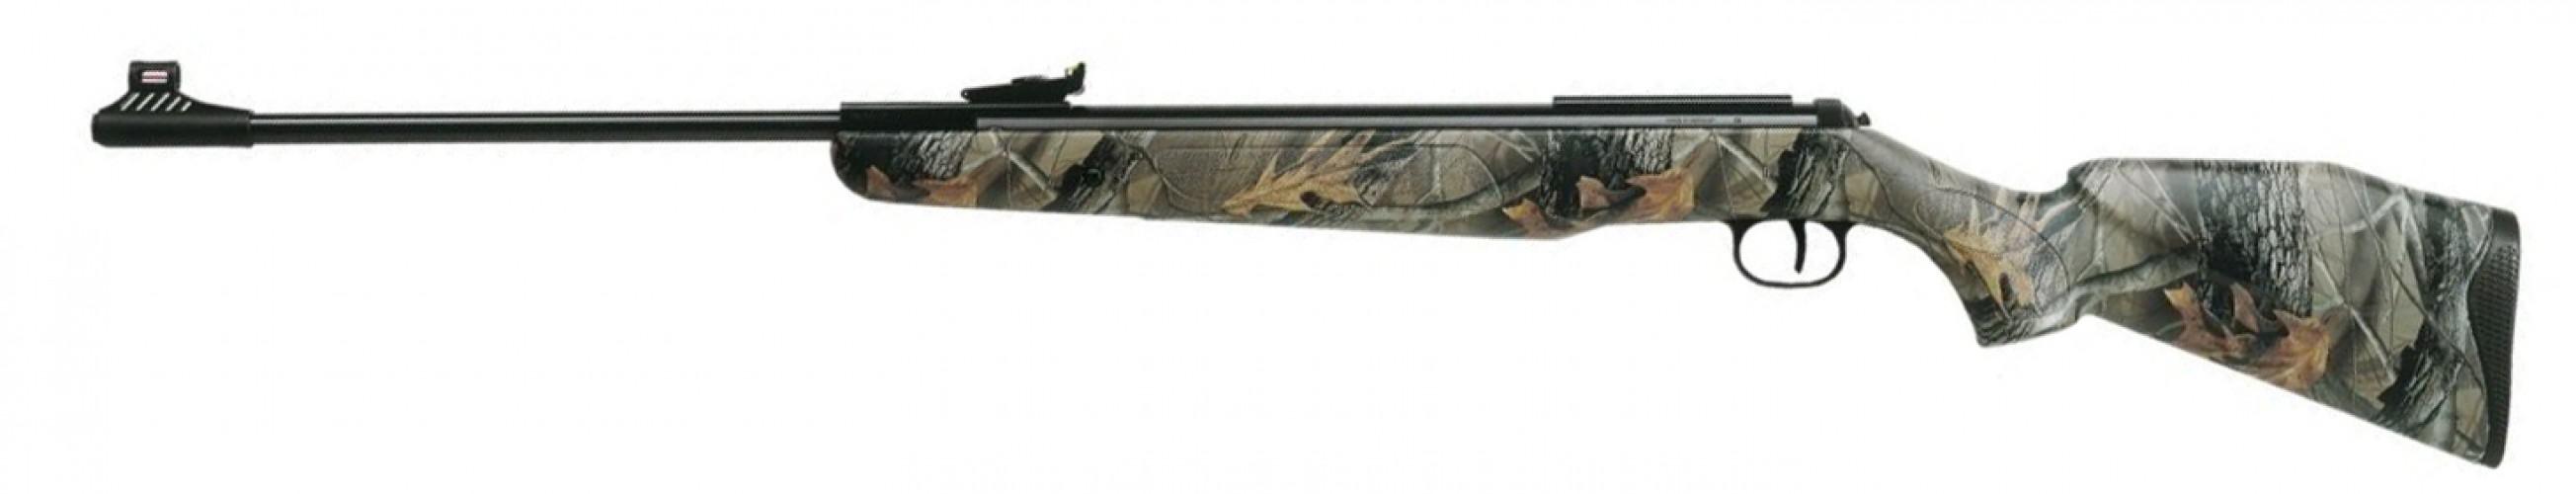 Пневматическая винтовка Diana Panther 31 Camo